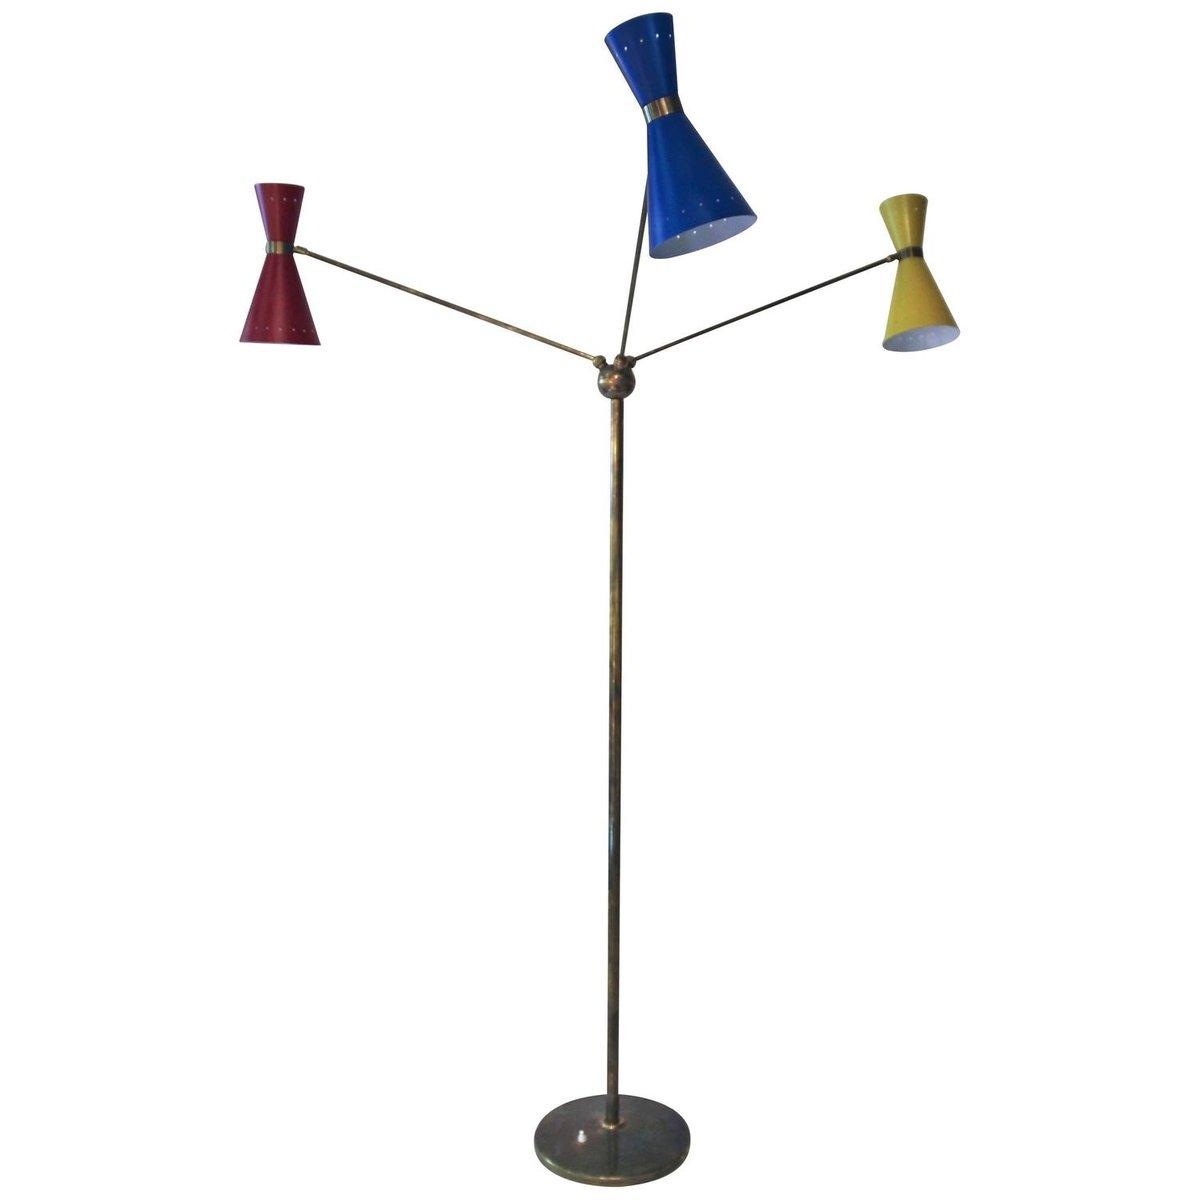 Italienische Triennale Stehlampe aus Messing & Metall mit Drei Leuchte...